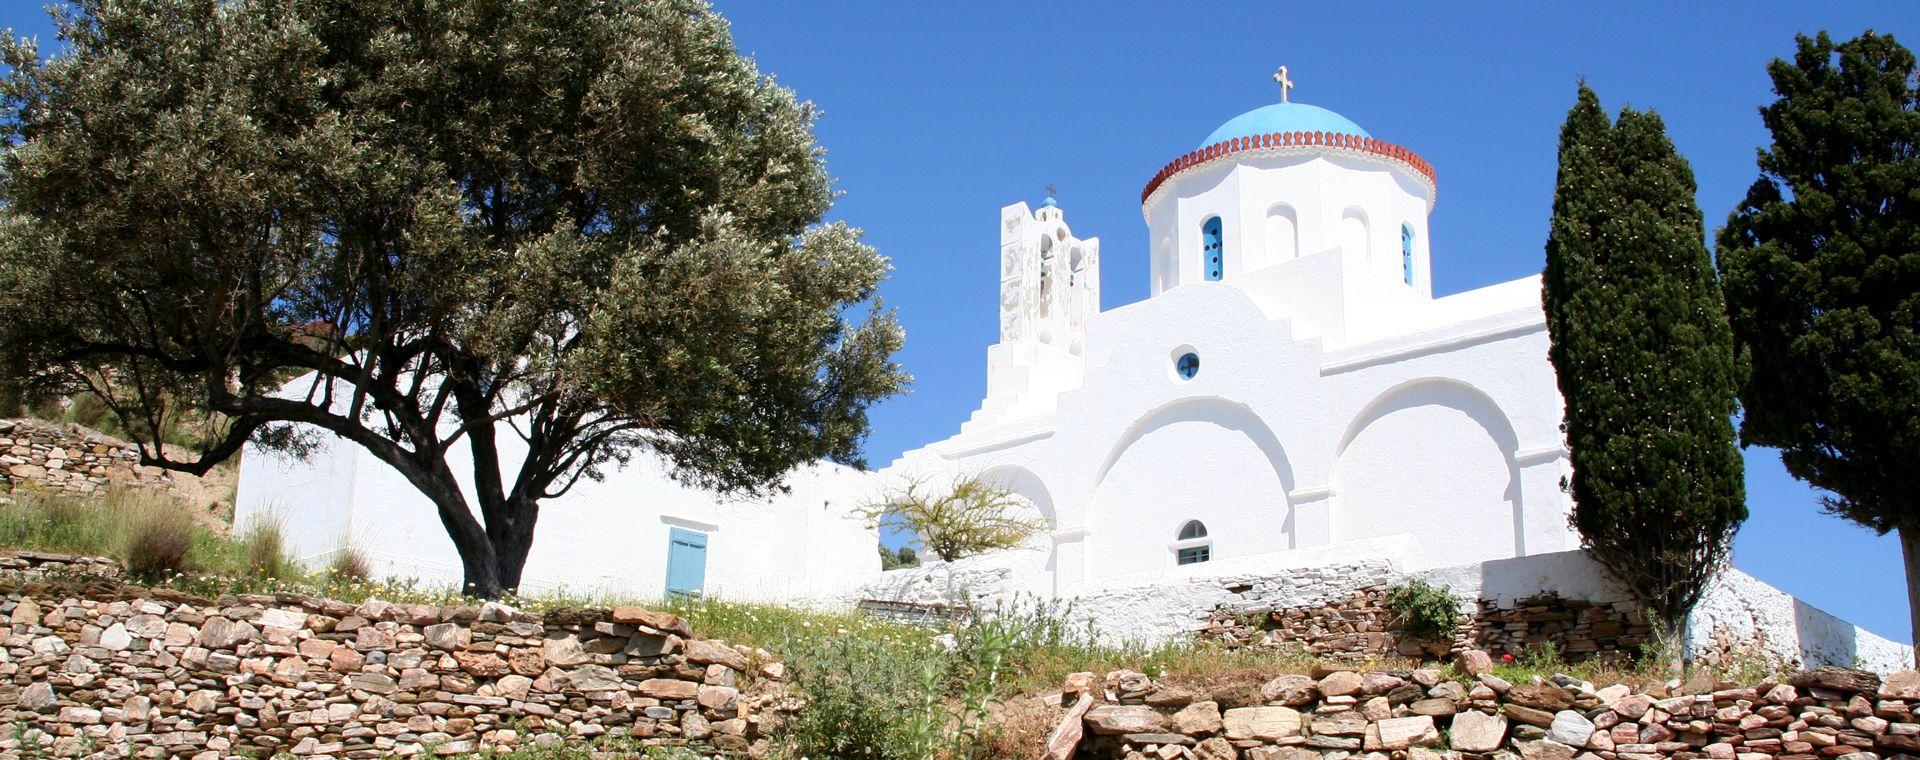 Voyage à pied : Cyclades : Sérifos, l\'île de Persée et Sifnos, l\'île d\'Apollon